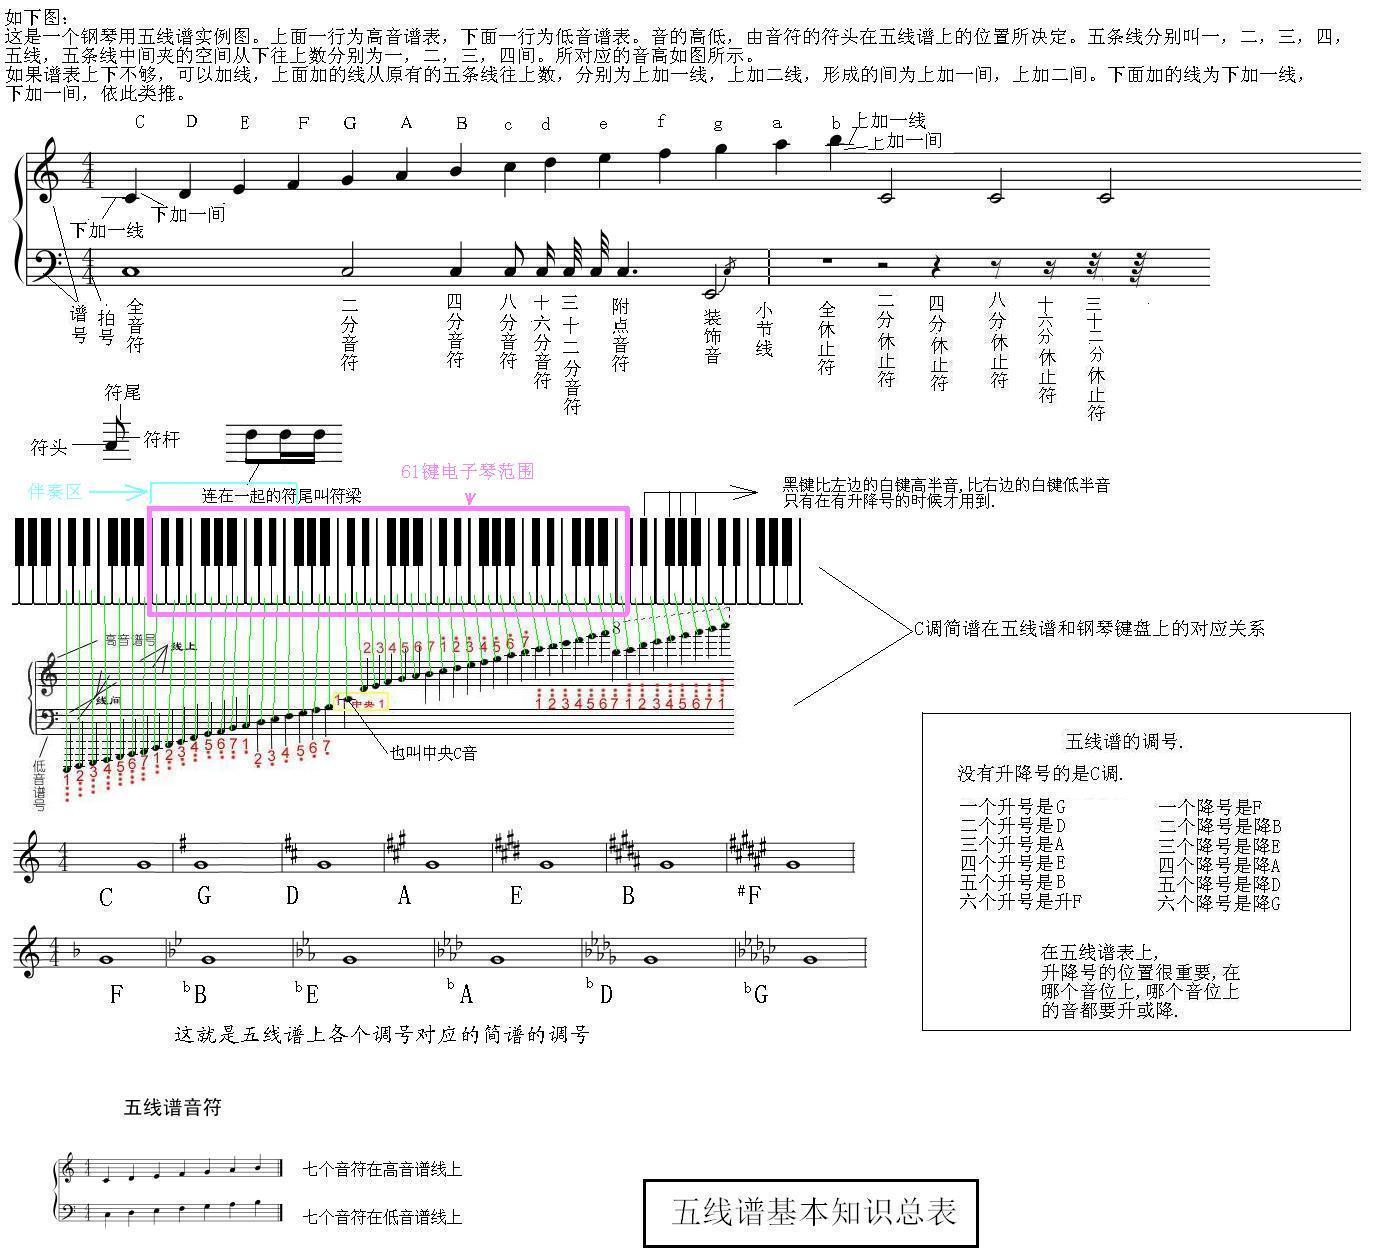 以钢琴键盘为标准,详细列举音名和相对应的唱名(简谱)图片